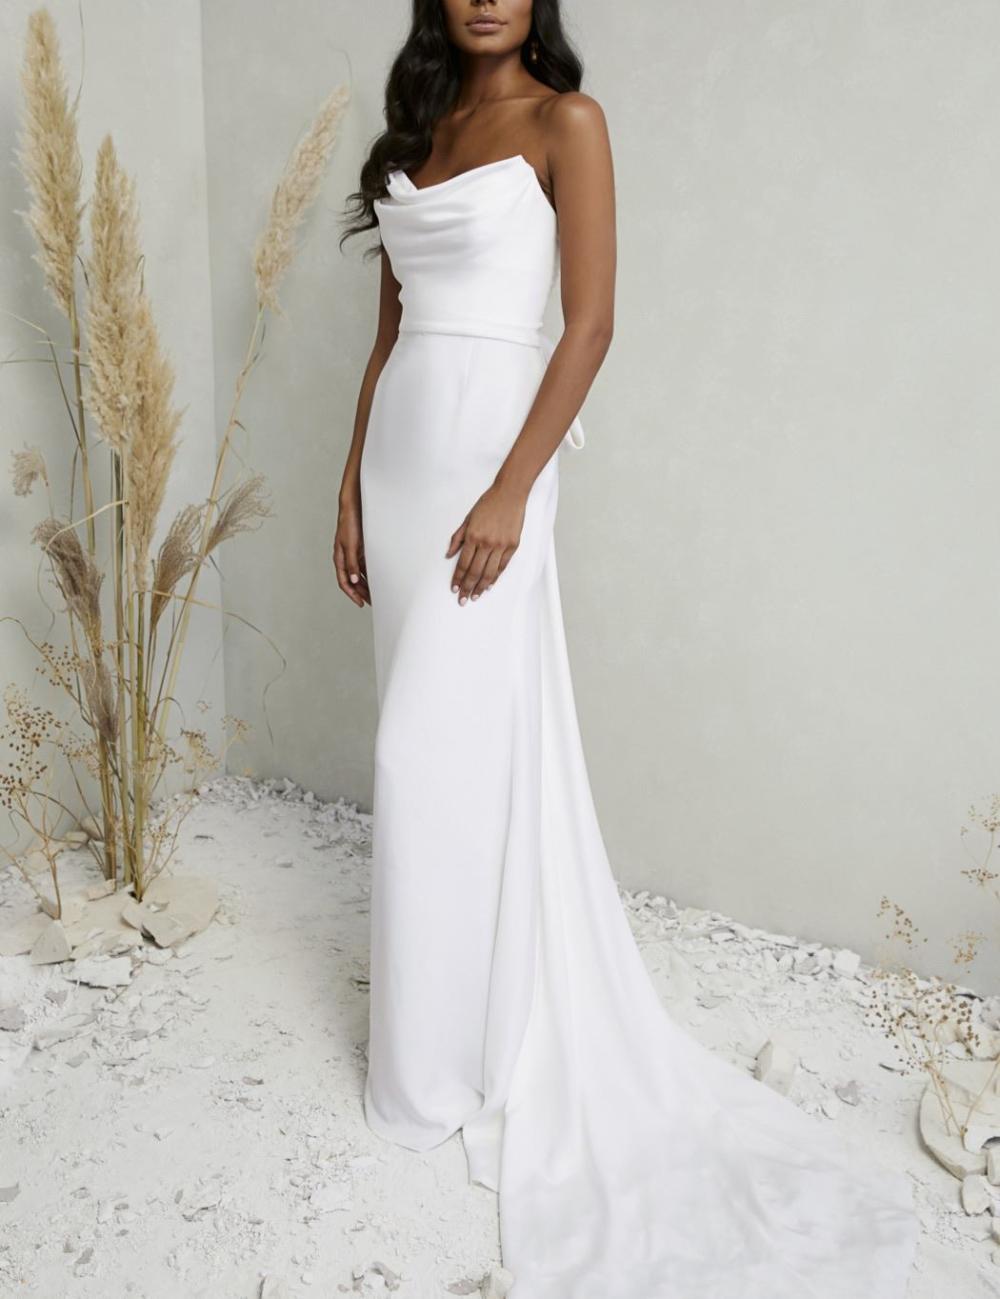 Dove Lovely Bride Wedding Dresses Dream Wedding Dresses Wedding Dresses Simple [ 1299 x 1000 Pixel ]